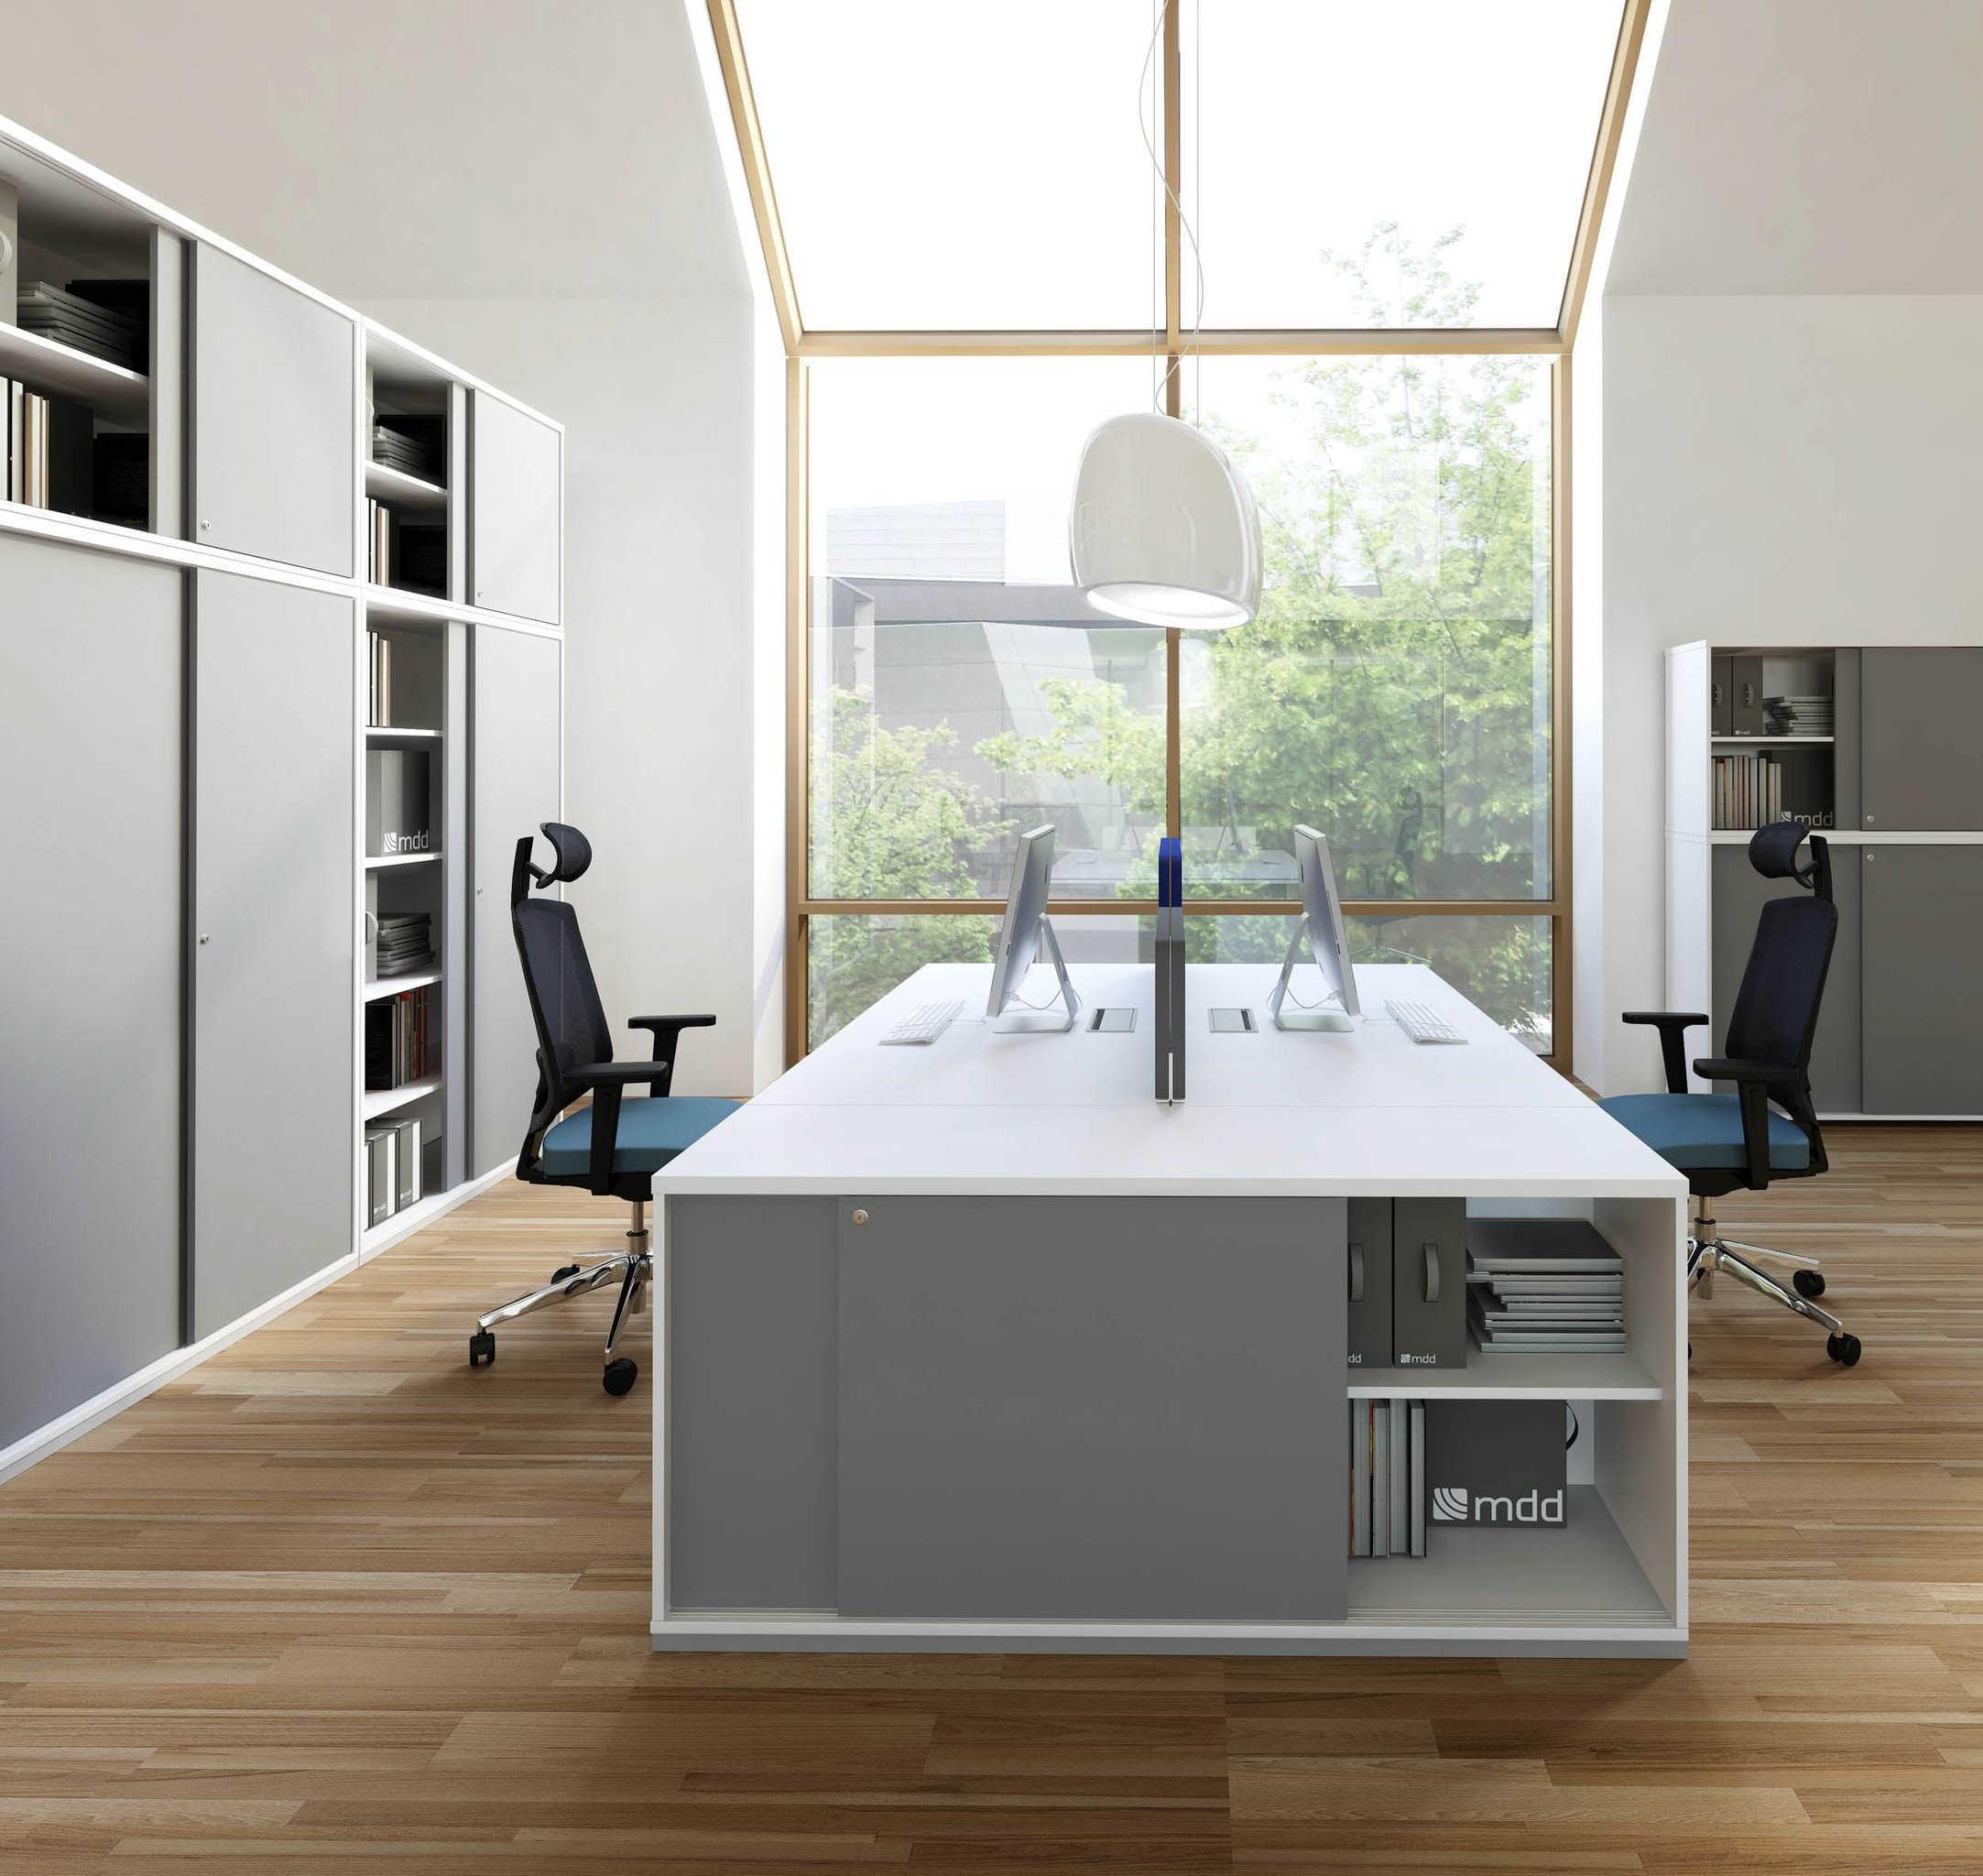 mdd armoire console bureau